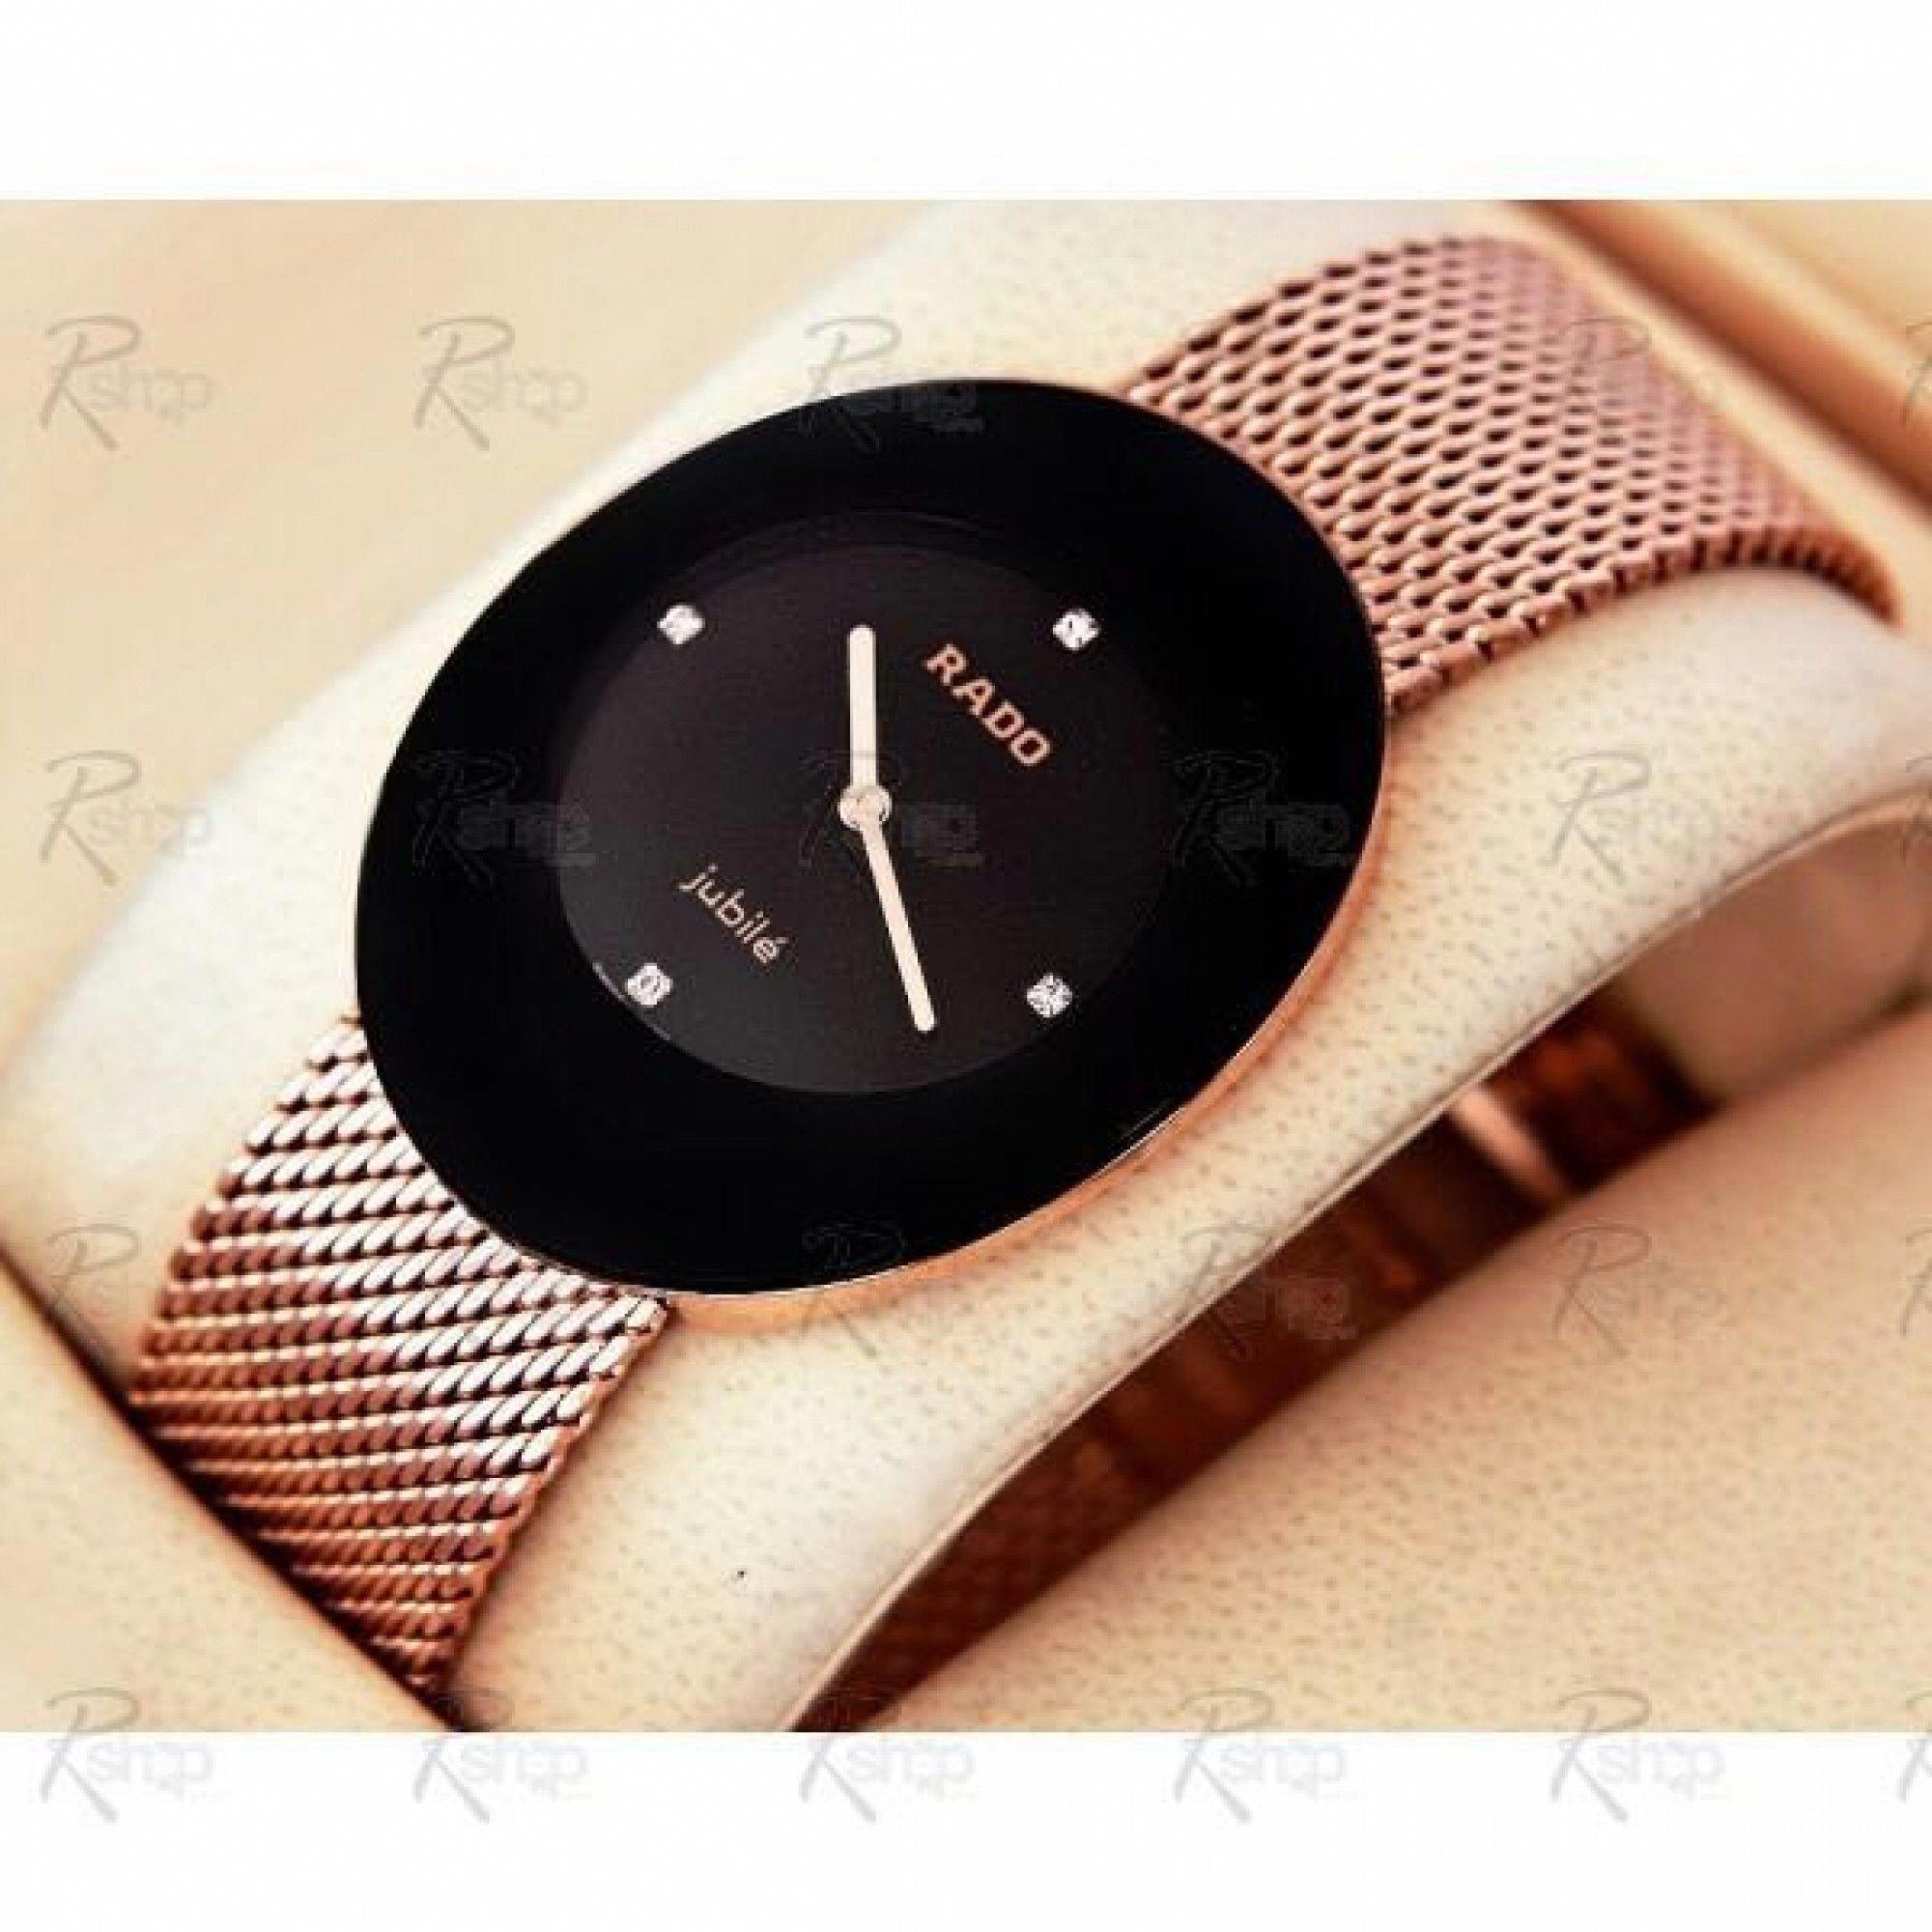 Pin De Luxury Watches Store En Accesorios En 2020 Relojes De Lujo Relojes De Lujo Para Hombres Relojes Elegantes